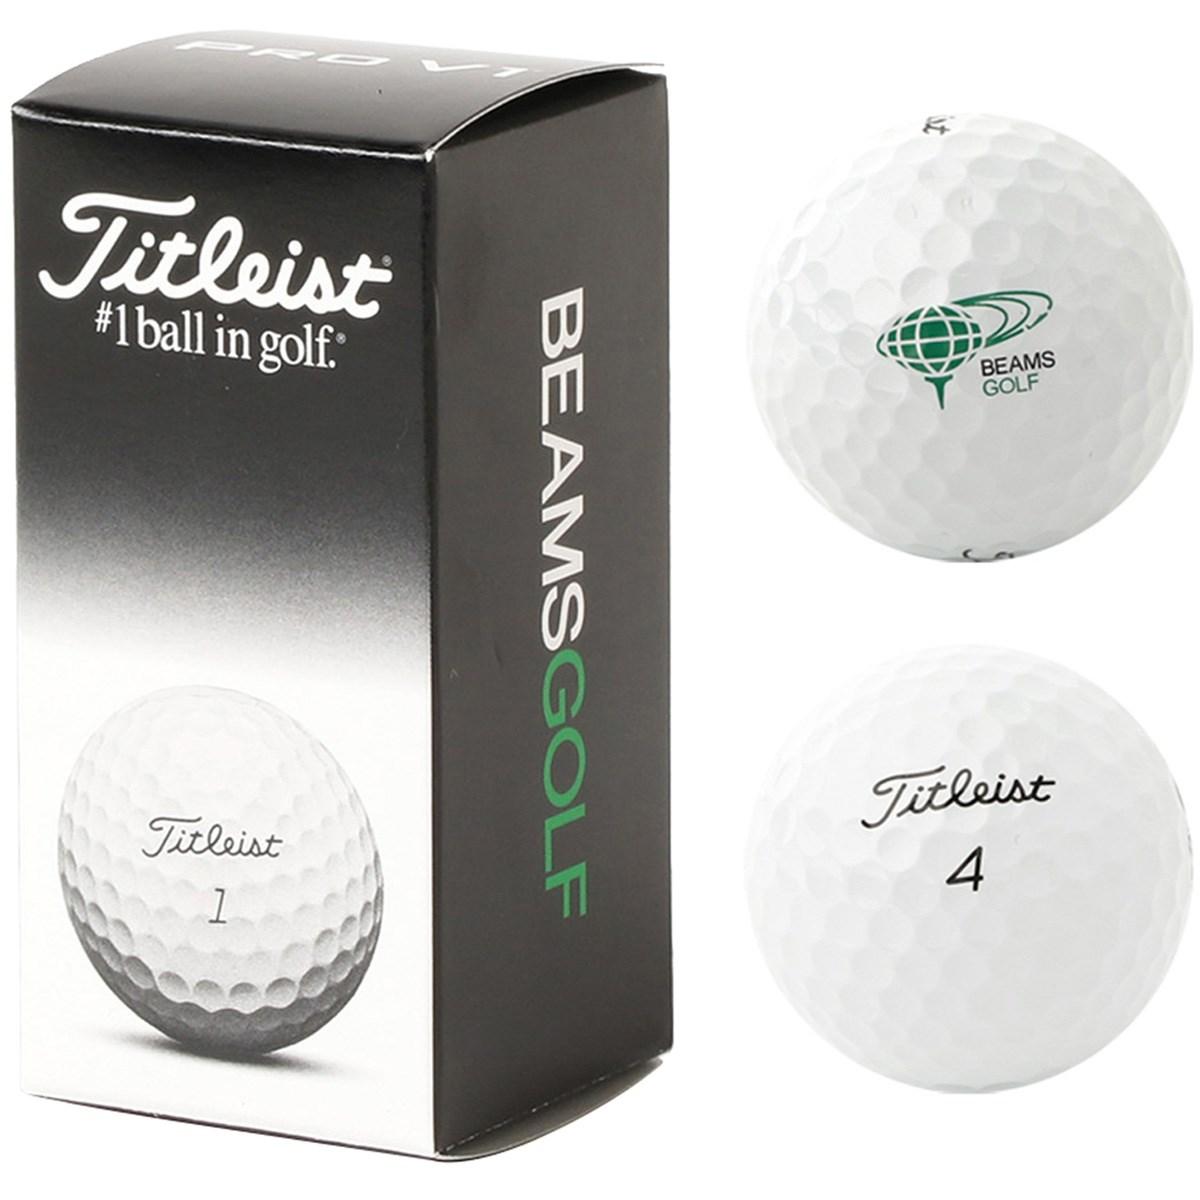 ビームスゴルフ Titleist×BEAMS GOLF 別注 PRO V1 ゴルフボール